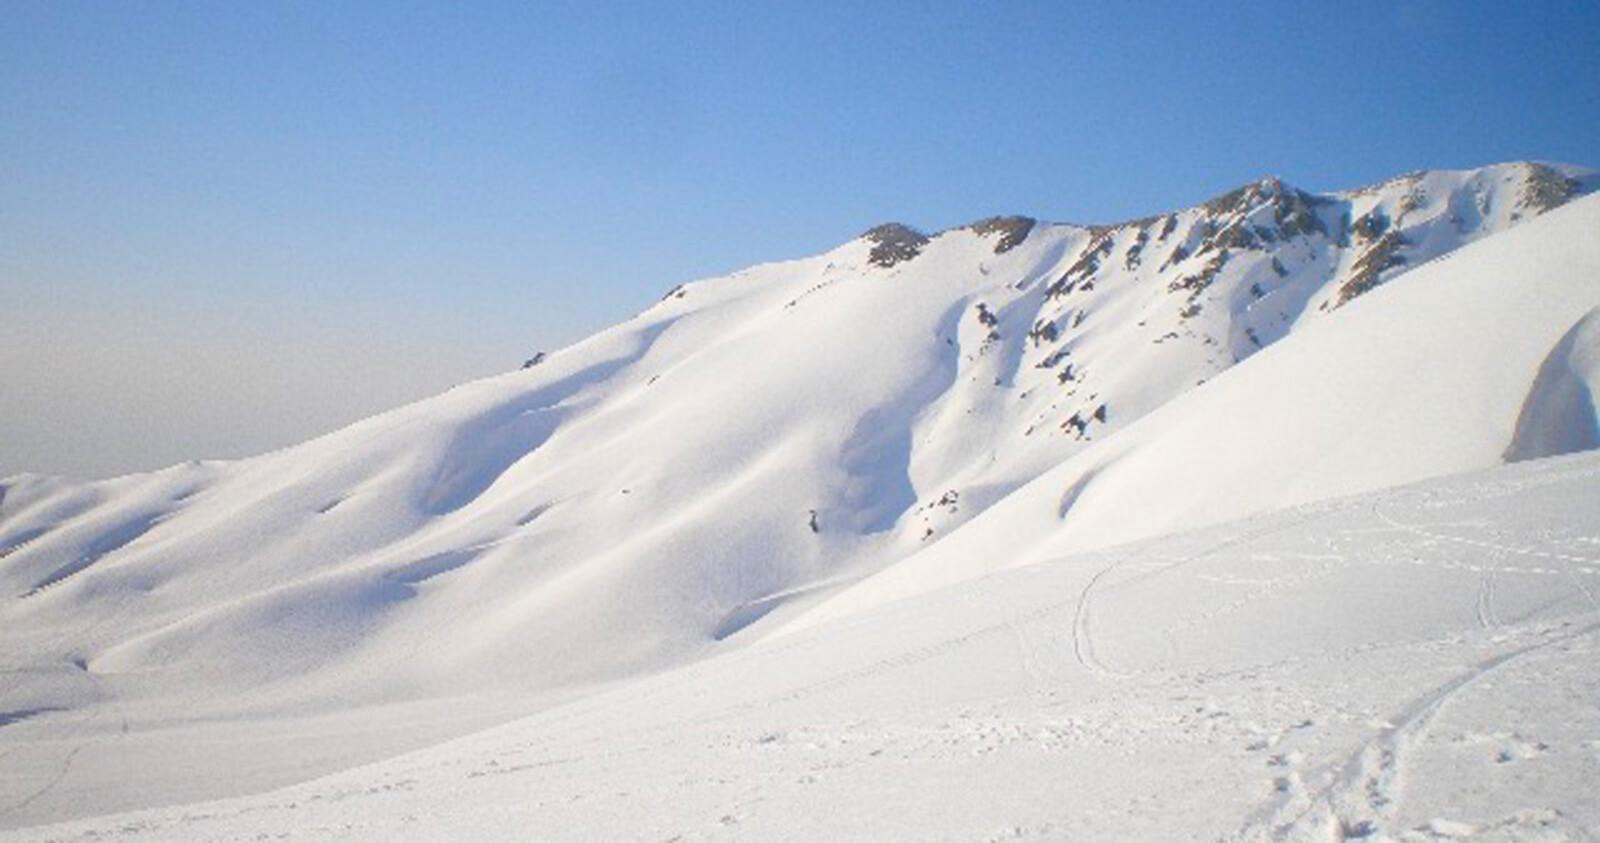 立山 tateyama アルペンルート